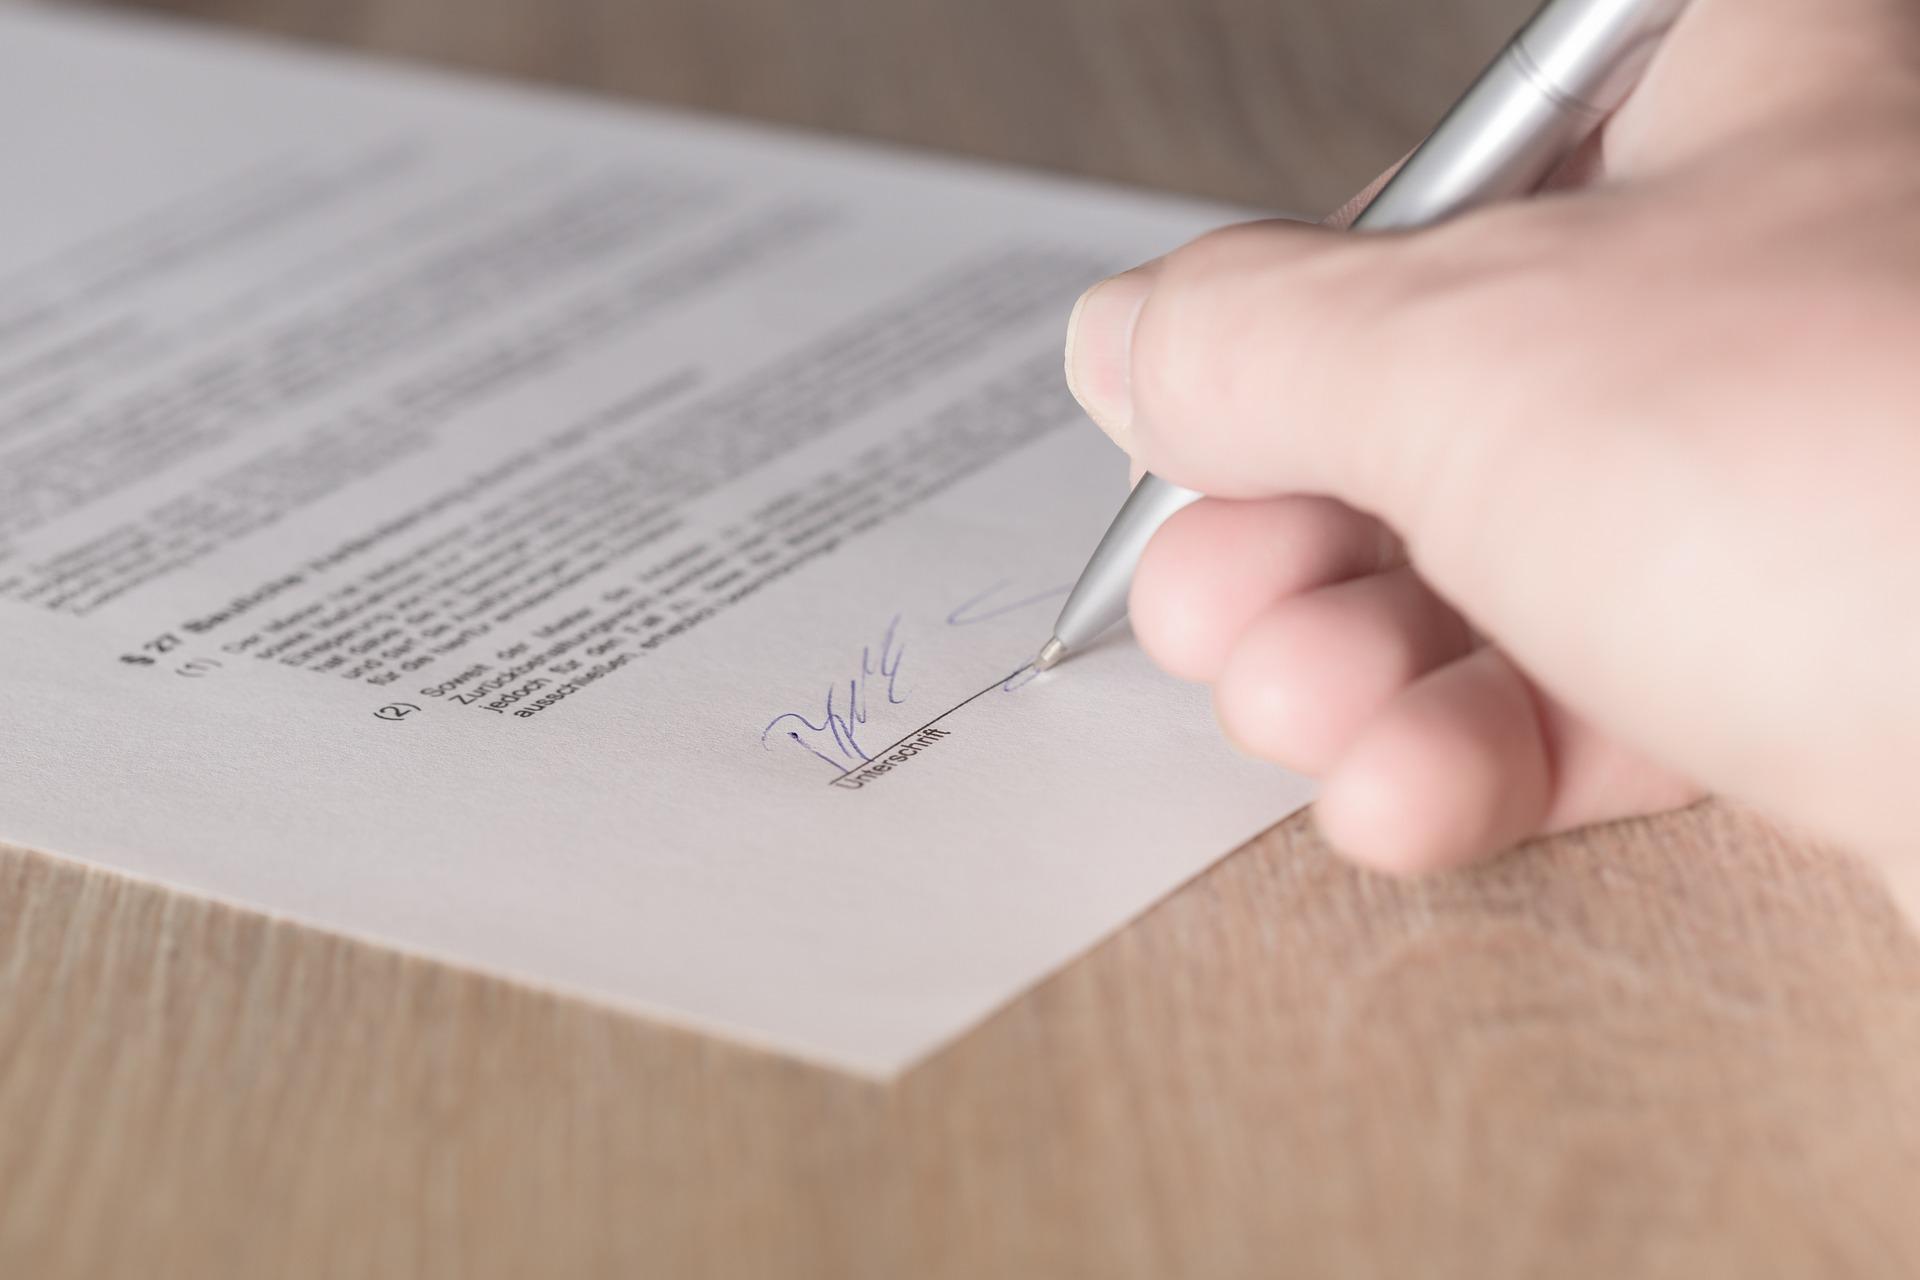 Fomento del futuro del desarrollo de contratos inteligentes